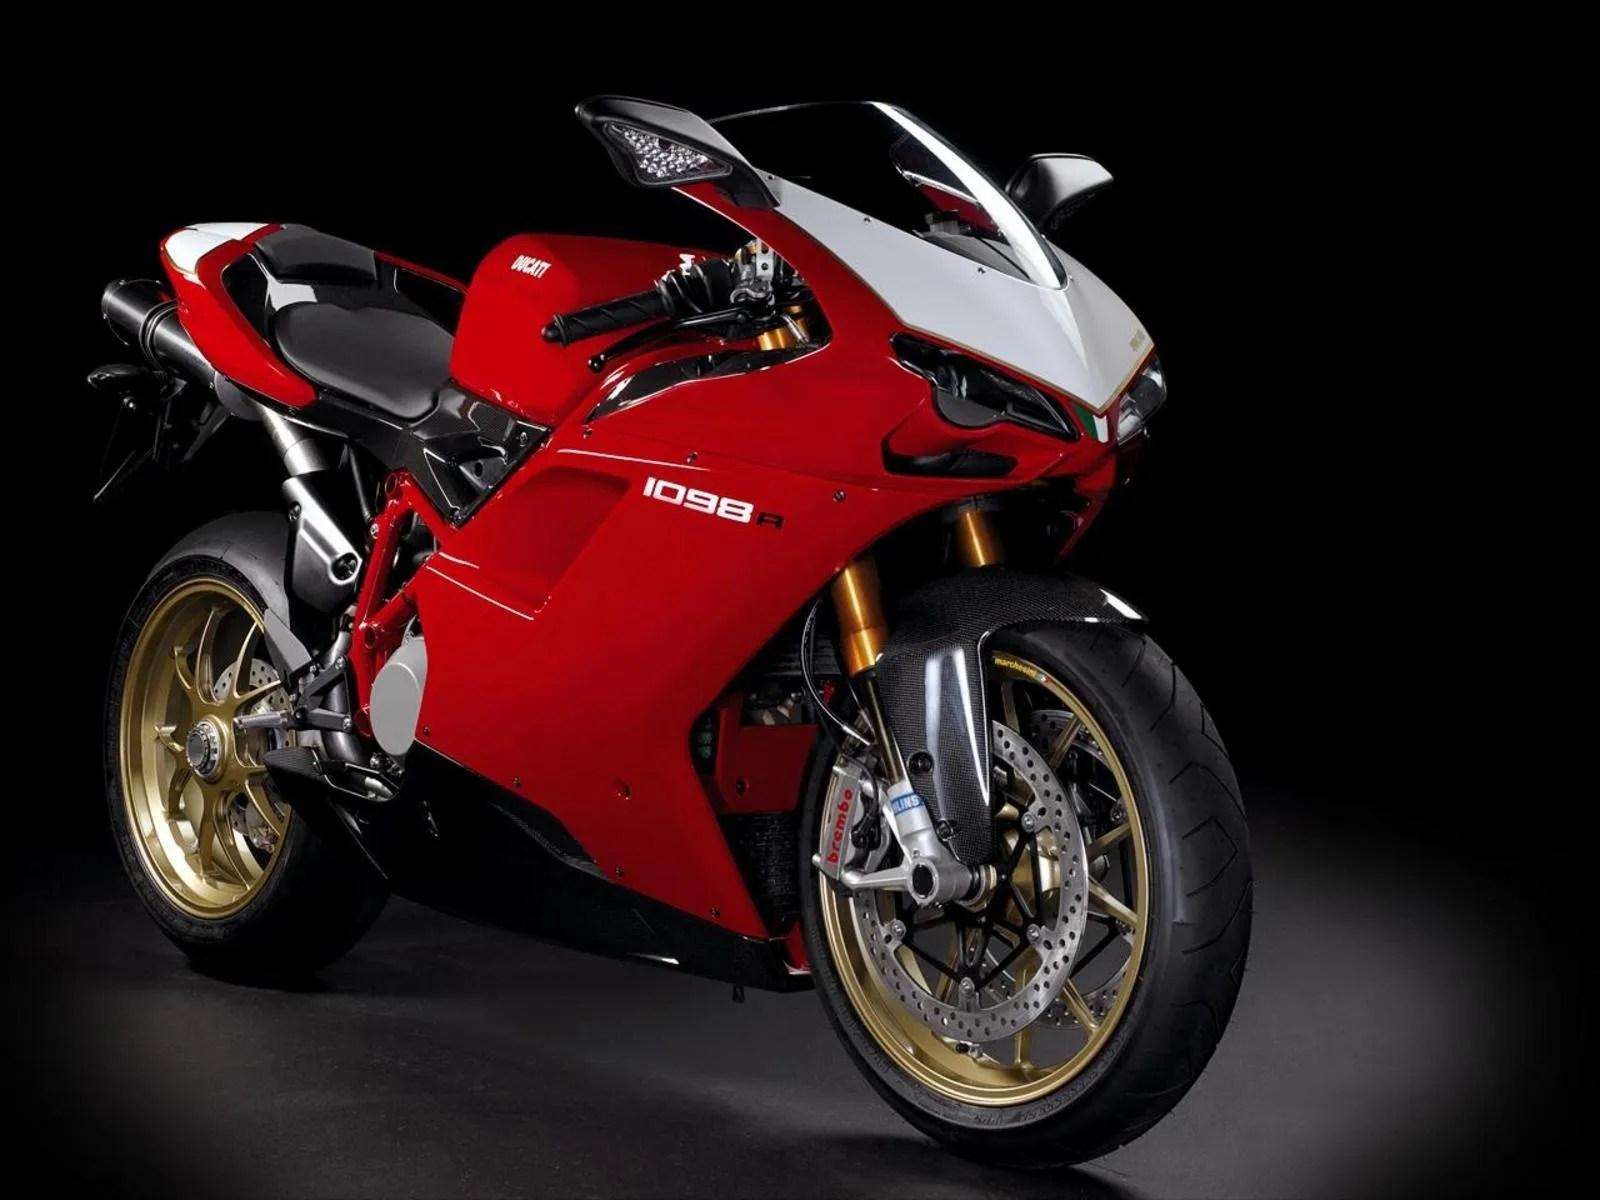 Ducati R Review